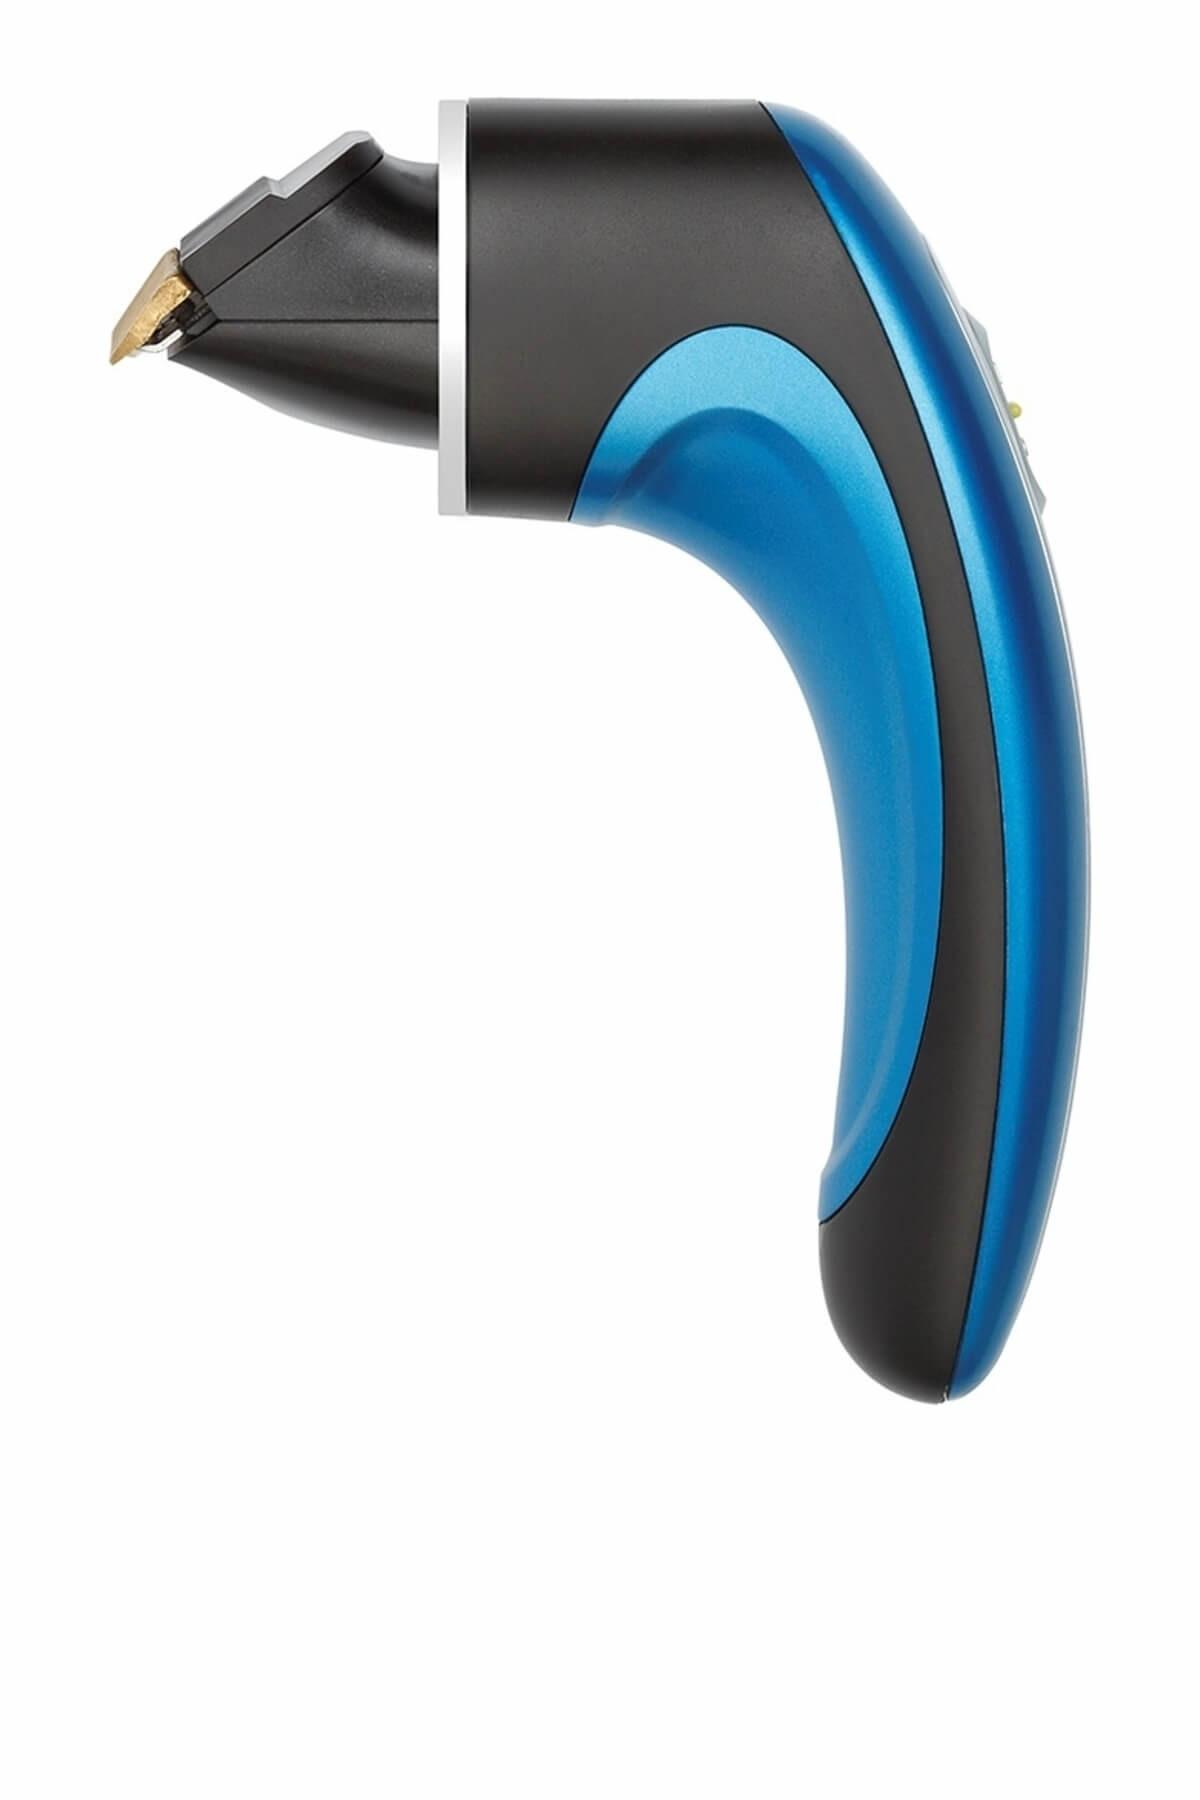 Raks RK-174 Şarjlı Saç Kesme Makinesi Kea-Ksbk-Raks-02 Fiyatı, Yorumları -  Trendyol